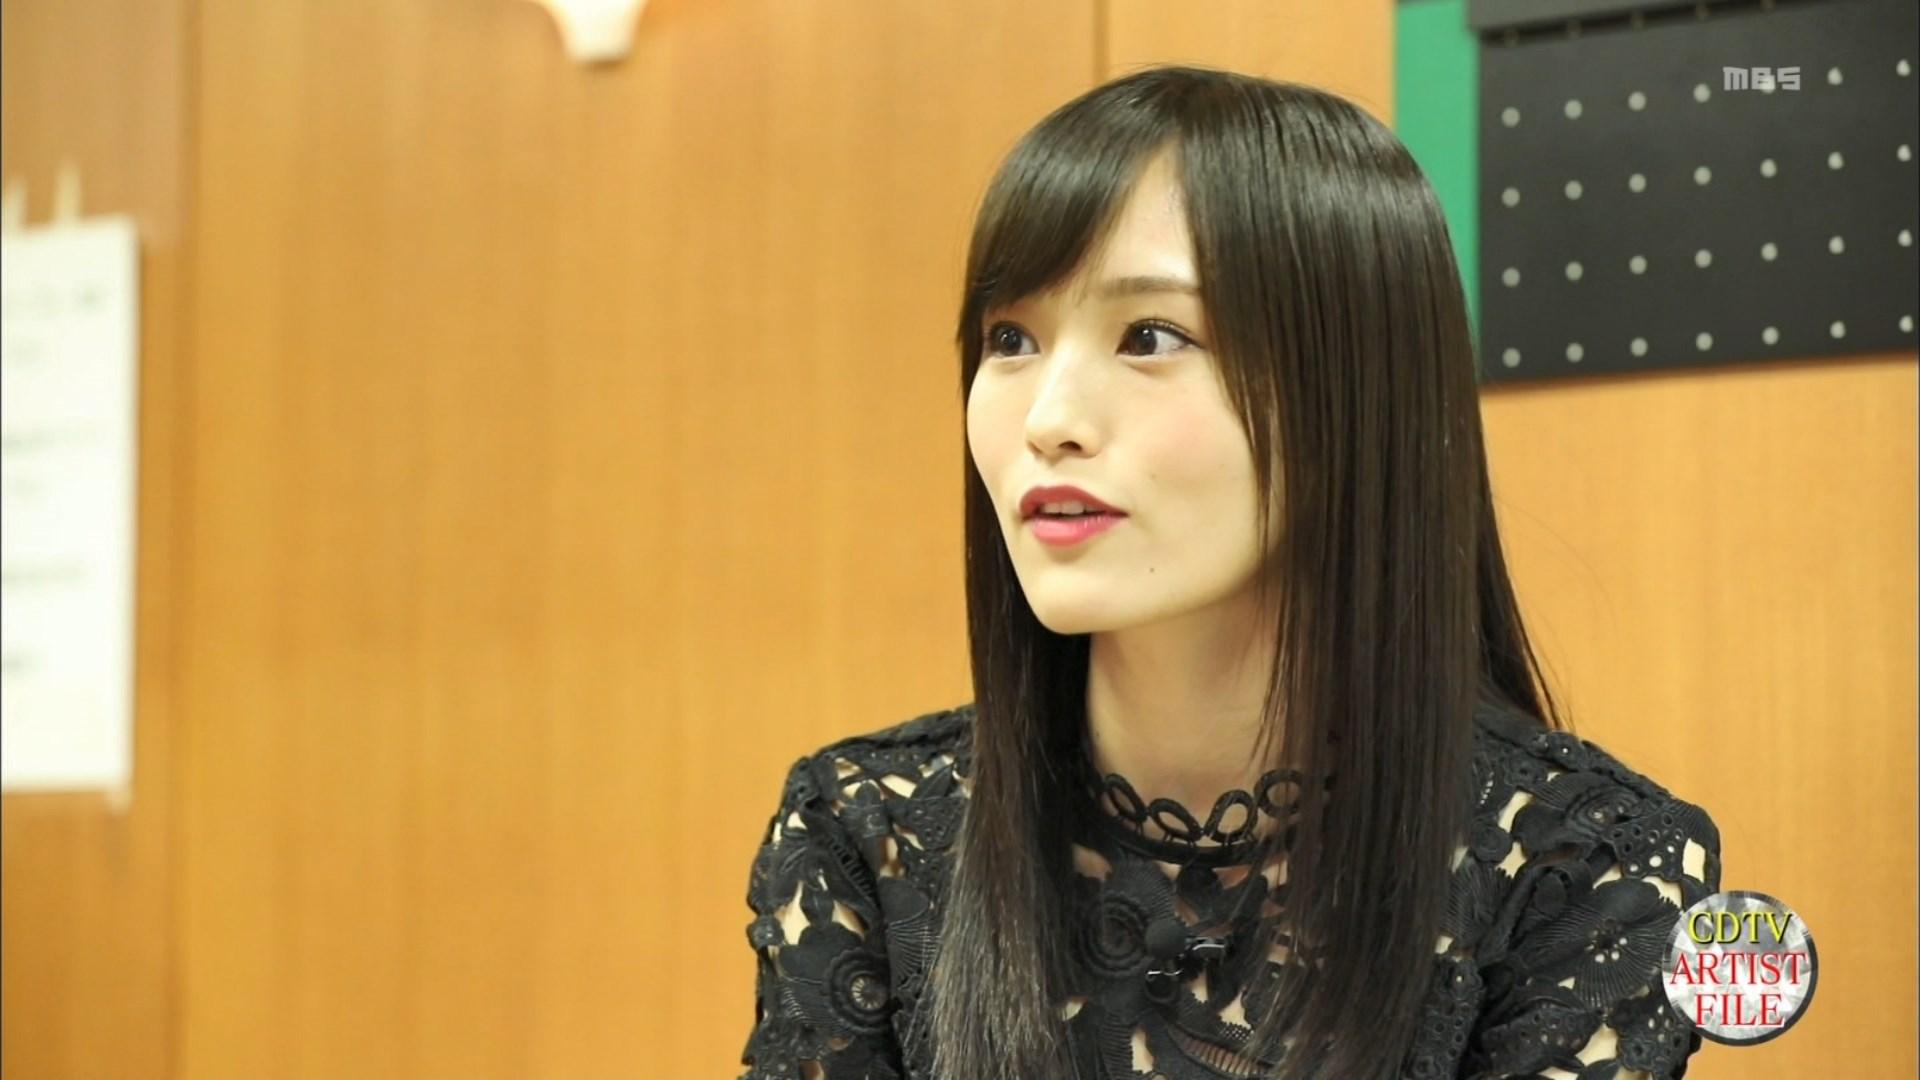 【山本彩】さや姉出演COUNTDOWN TVキャプ画像。Dream Amiさんと対談、JOKERも披露。